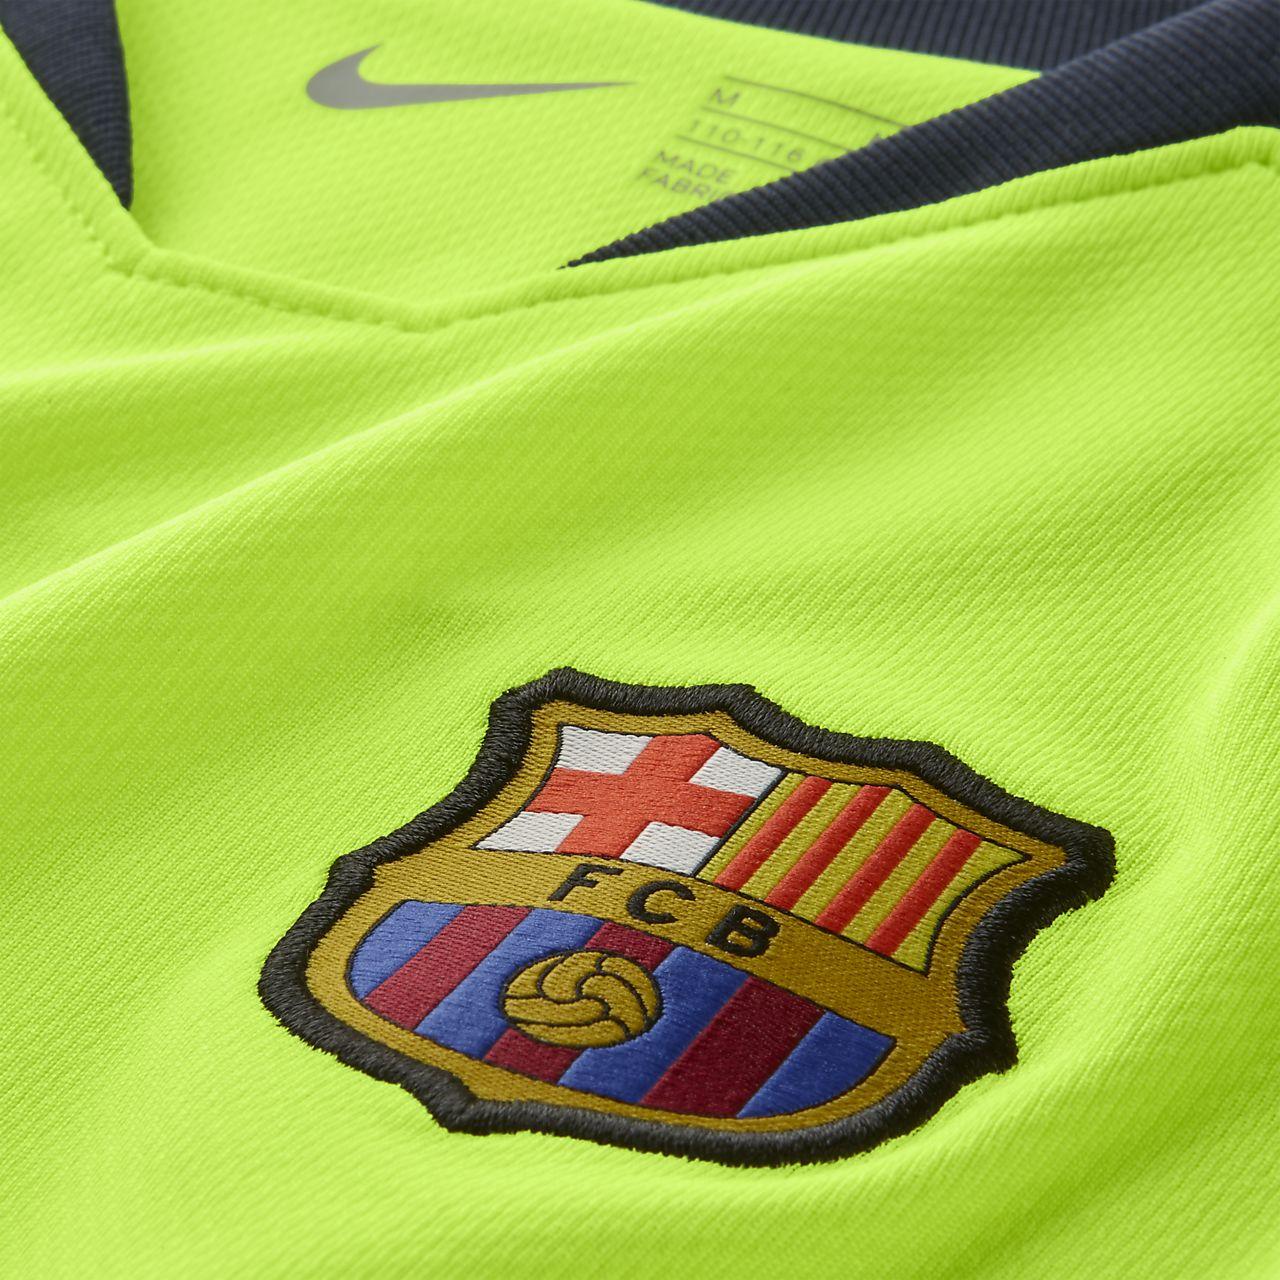 cheap for discount 922bd 8d8e9 ... 2018 19 FC Barcelona Stadium Away fotballdraktsett til små barn